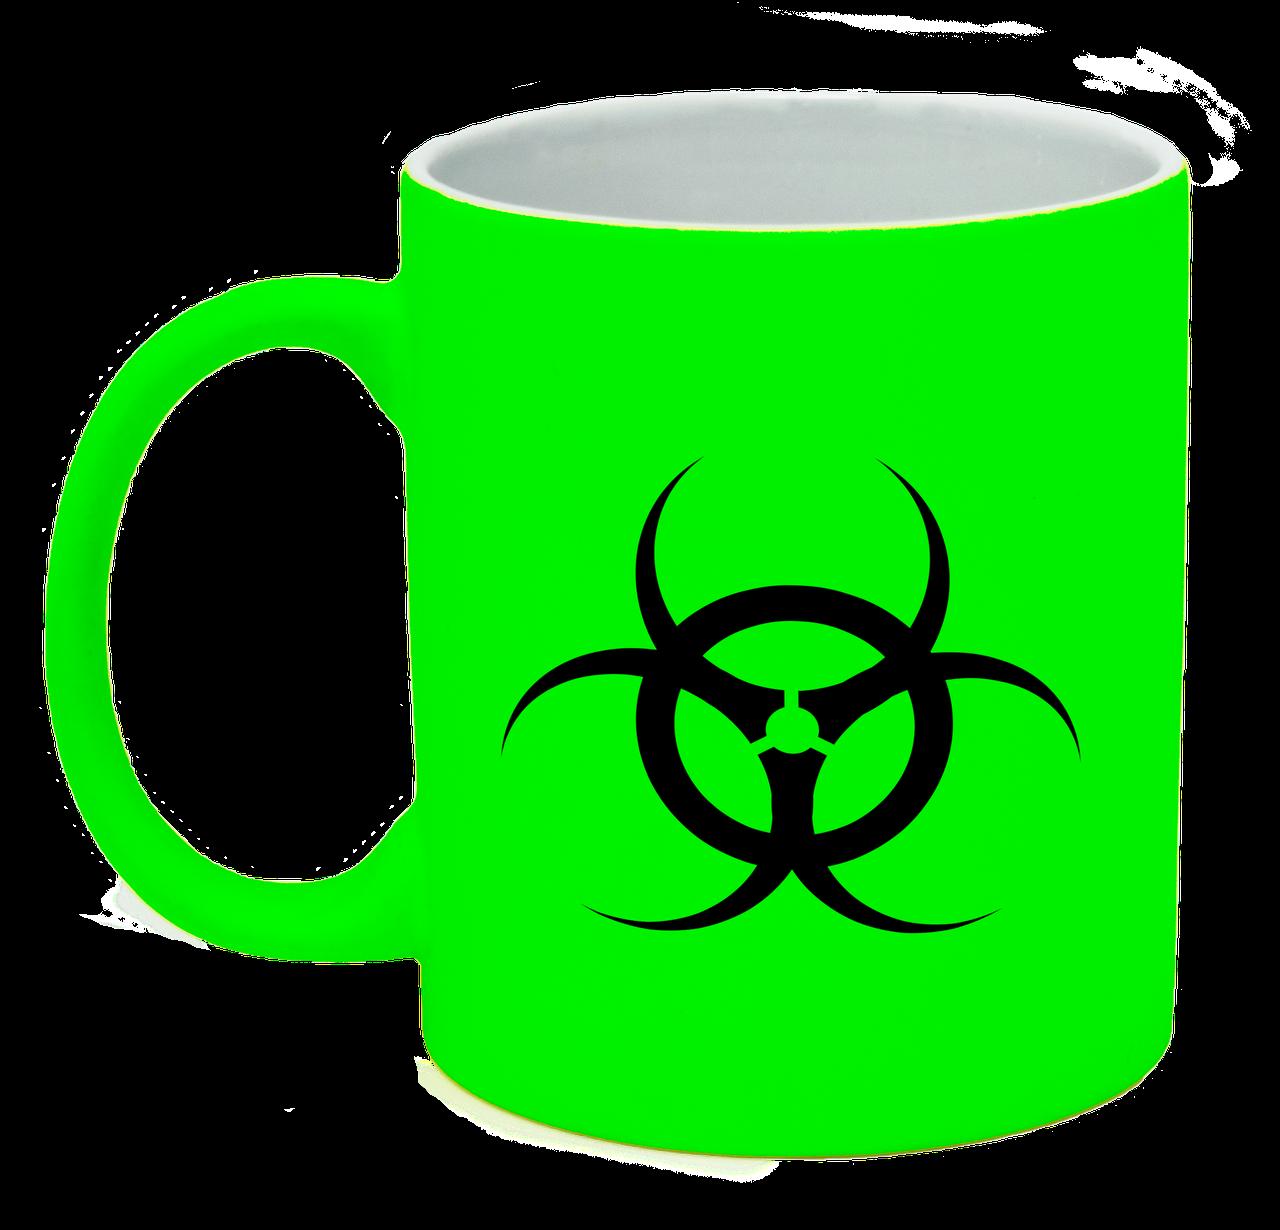 Неоновая матовая чашка Биологическая опасность, ярко-зеленая